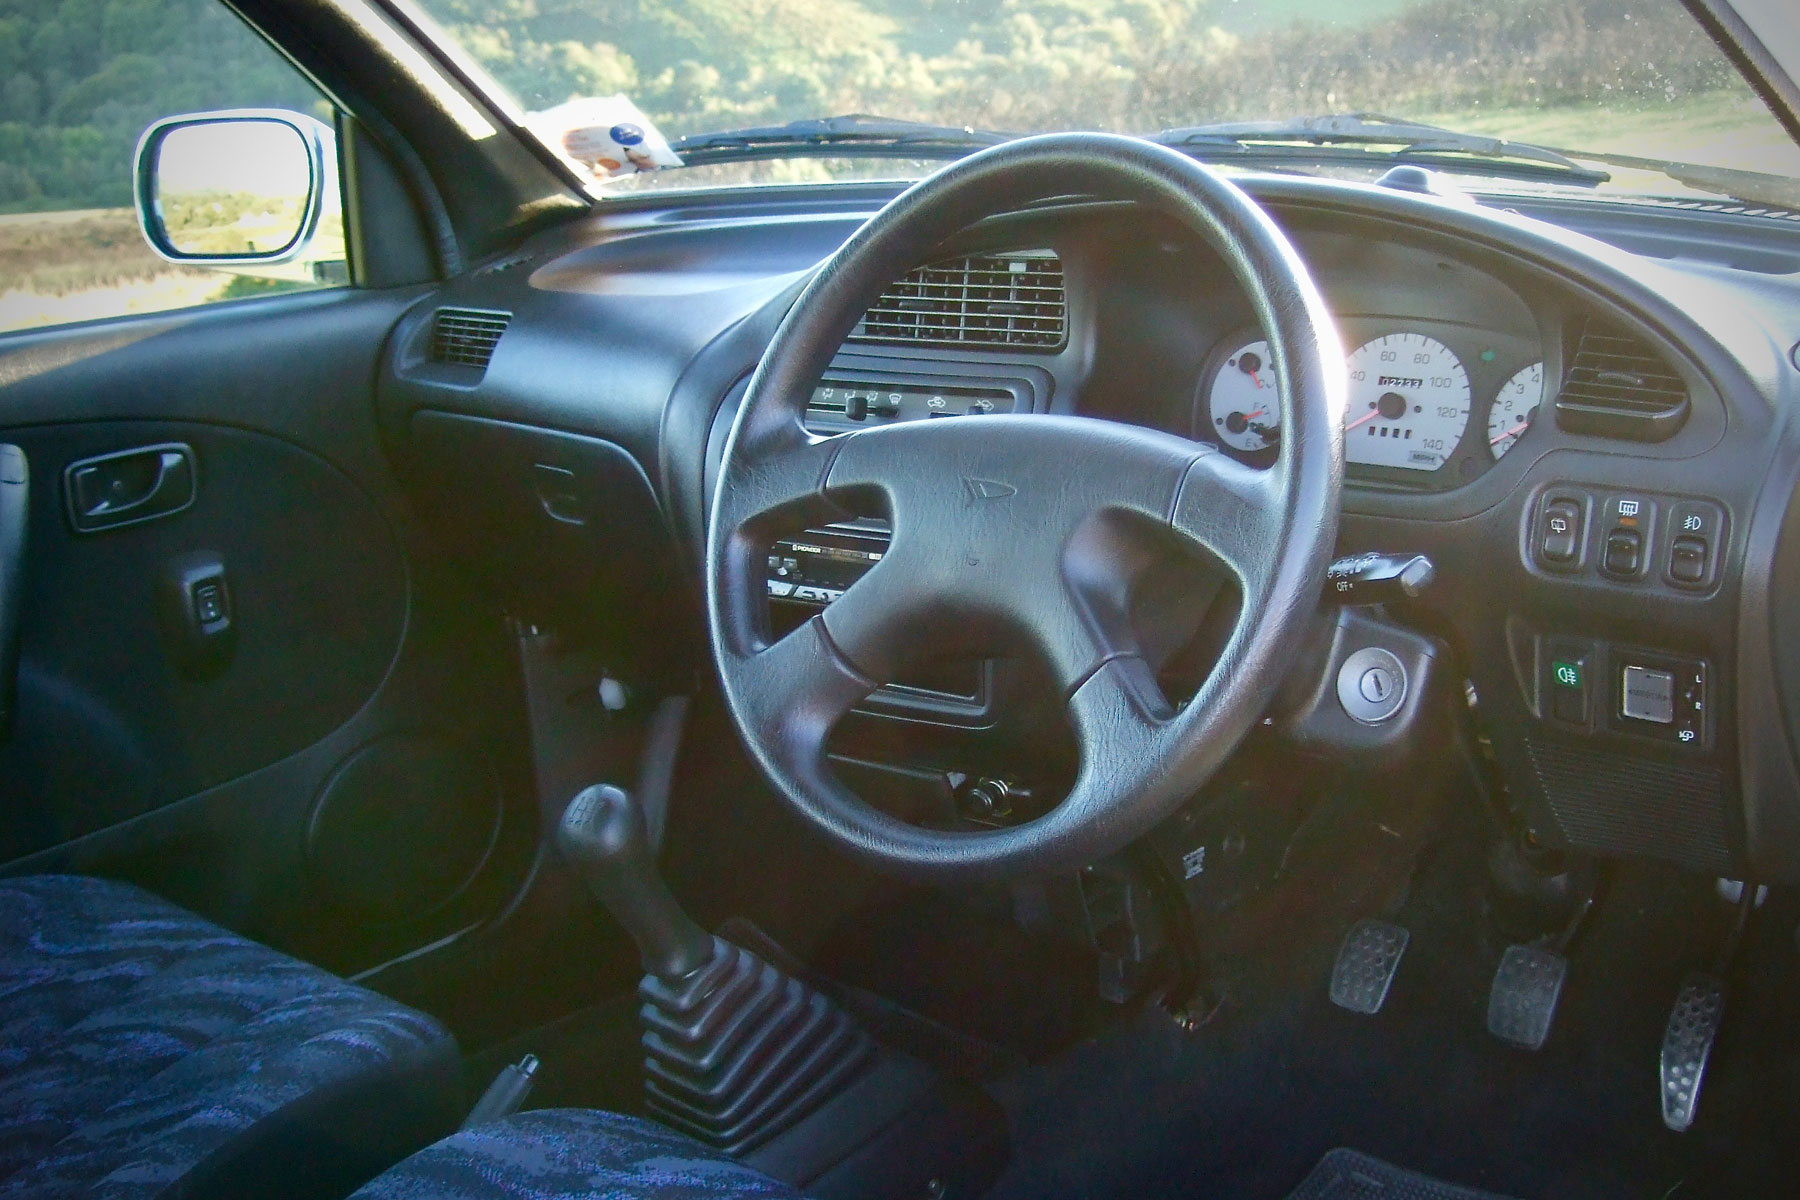 Interior of Daihatsu Cuore Avanzato